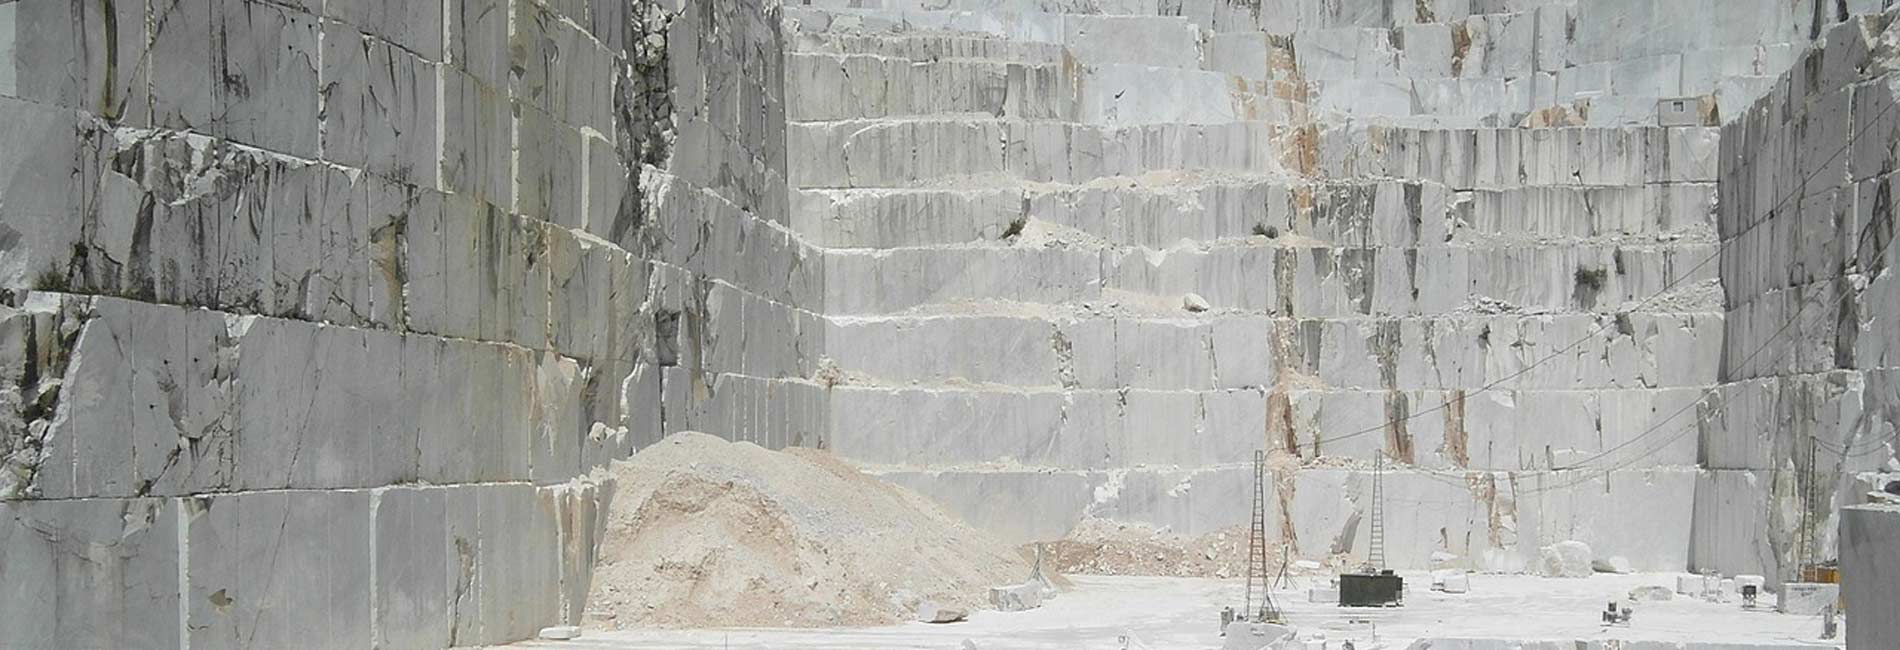 Foto delle cave di marmo di Carrara